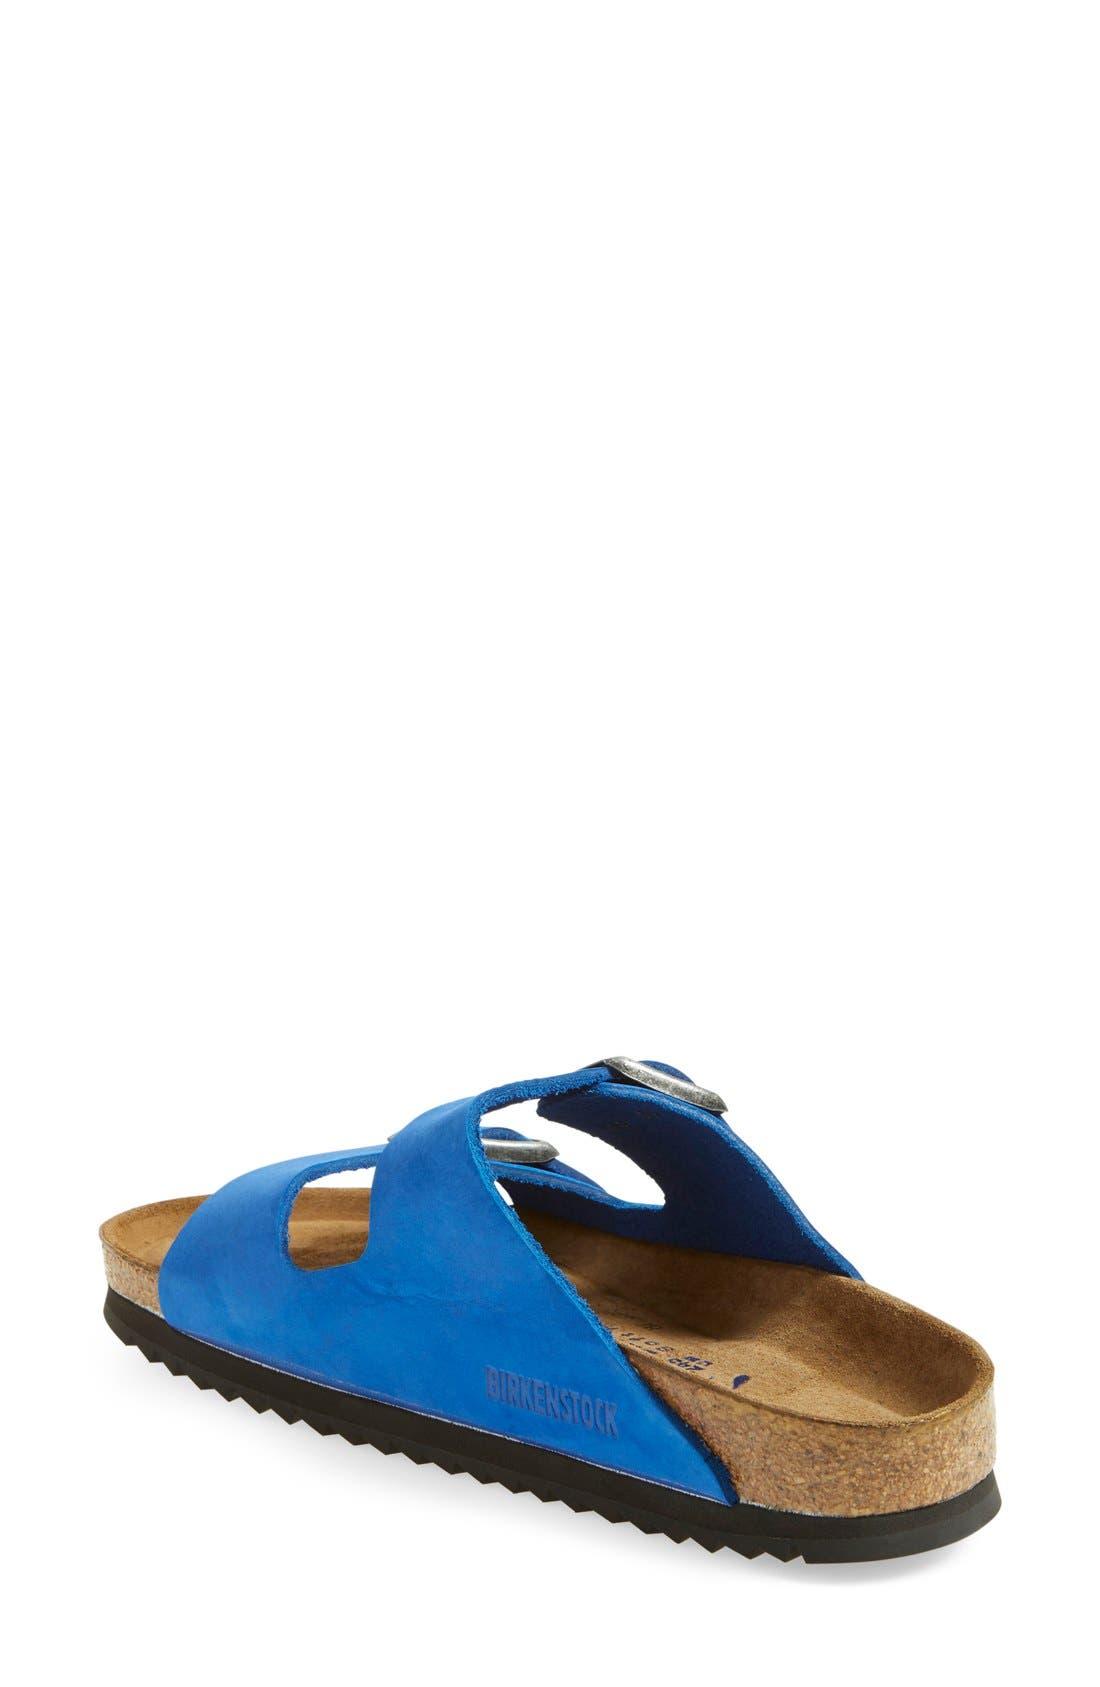 'Arizona' Sandal,                             Alternate thumbnail 2, color,                             Blue Nubuck